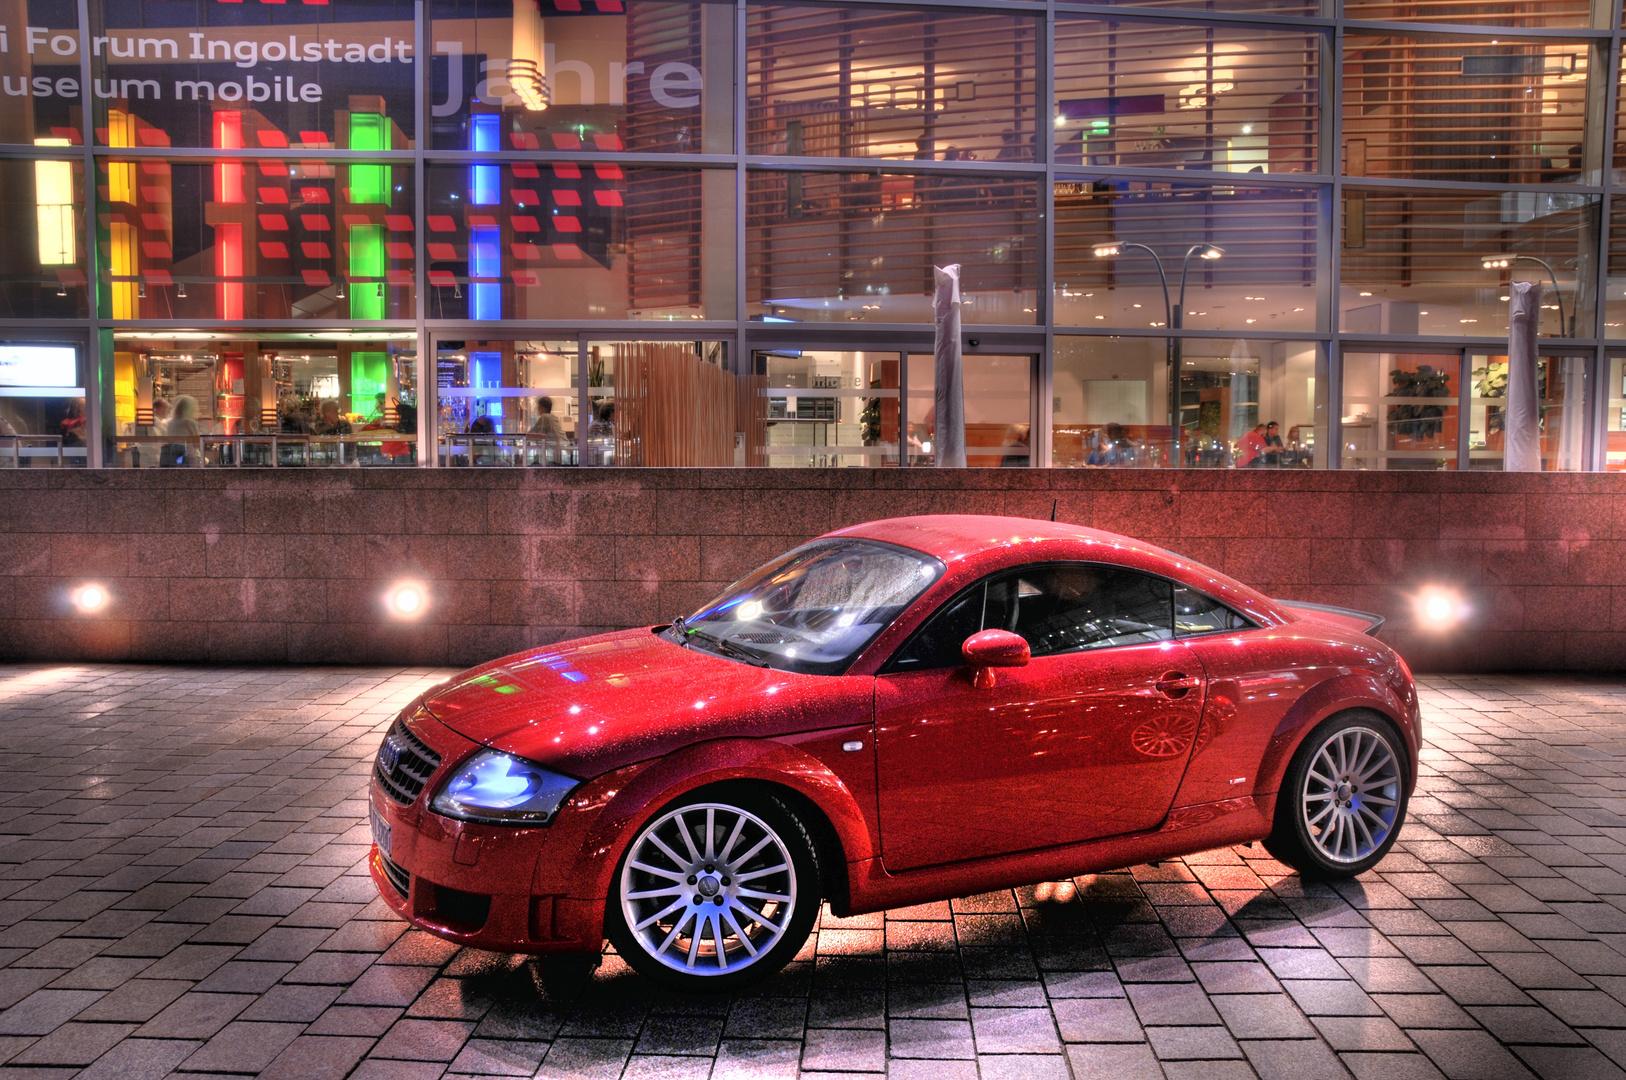 Audi TT 3,2l in HDR